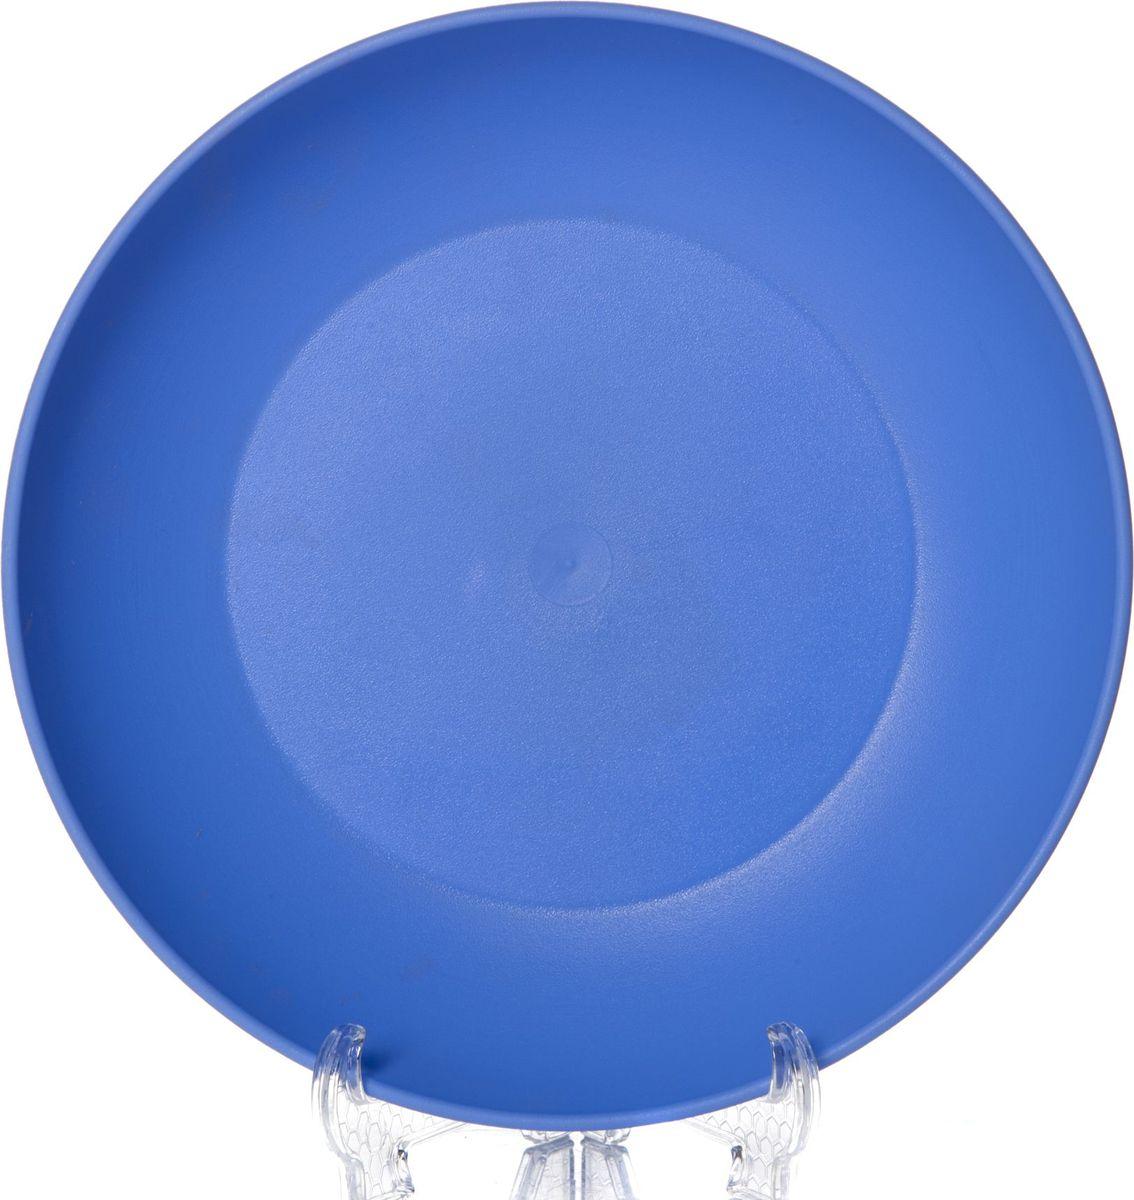 Тарелка Gotoff, диаметр 18 см. WTC-27554 009312Тарелка круглая 180*36